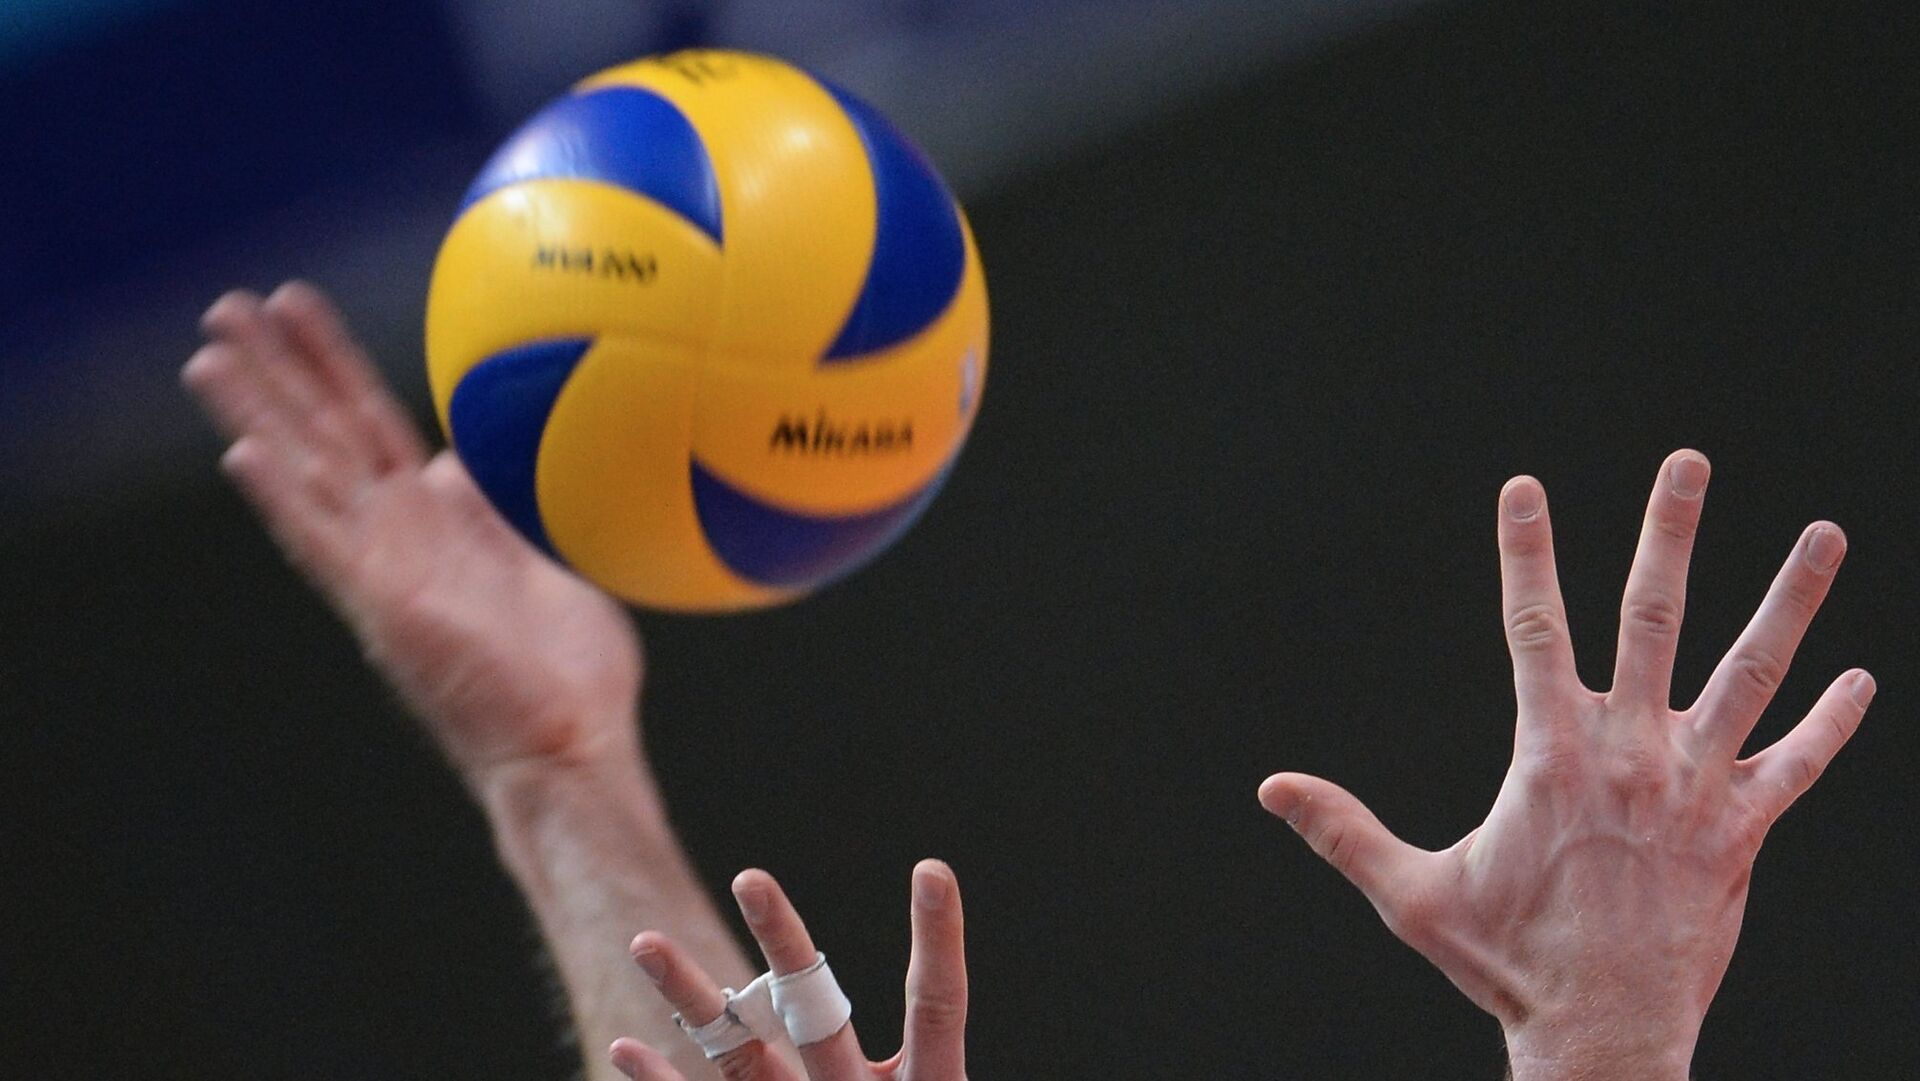 Волейбольный мяч - РИА Новости, 1920, 14.02.2021